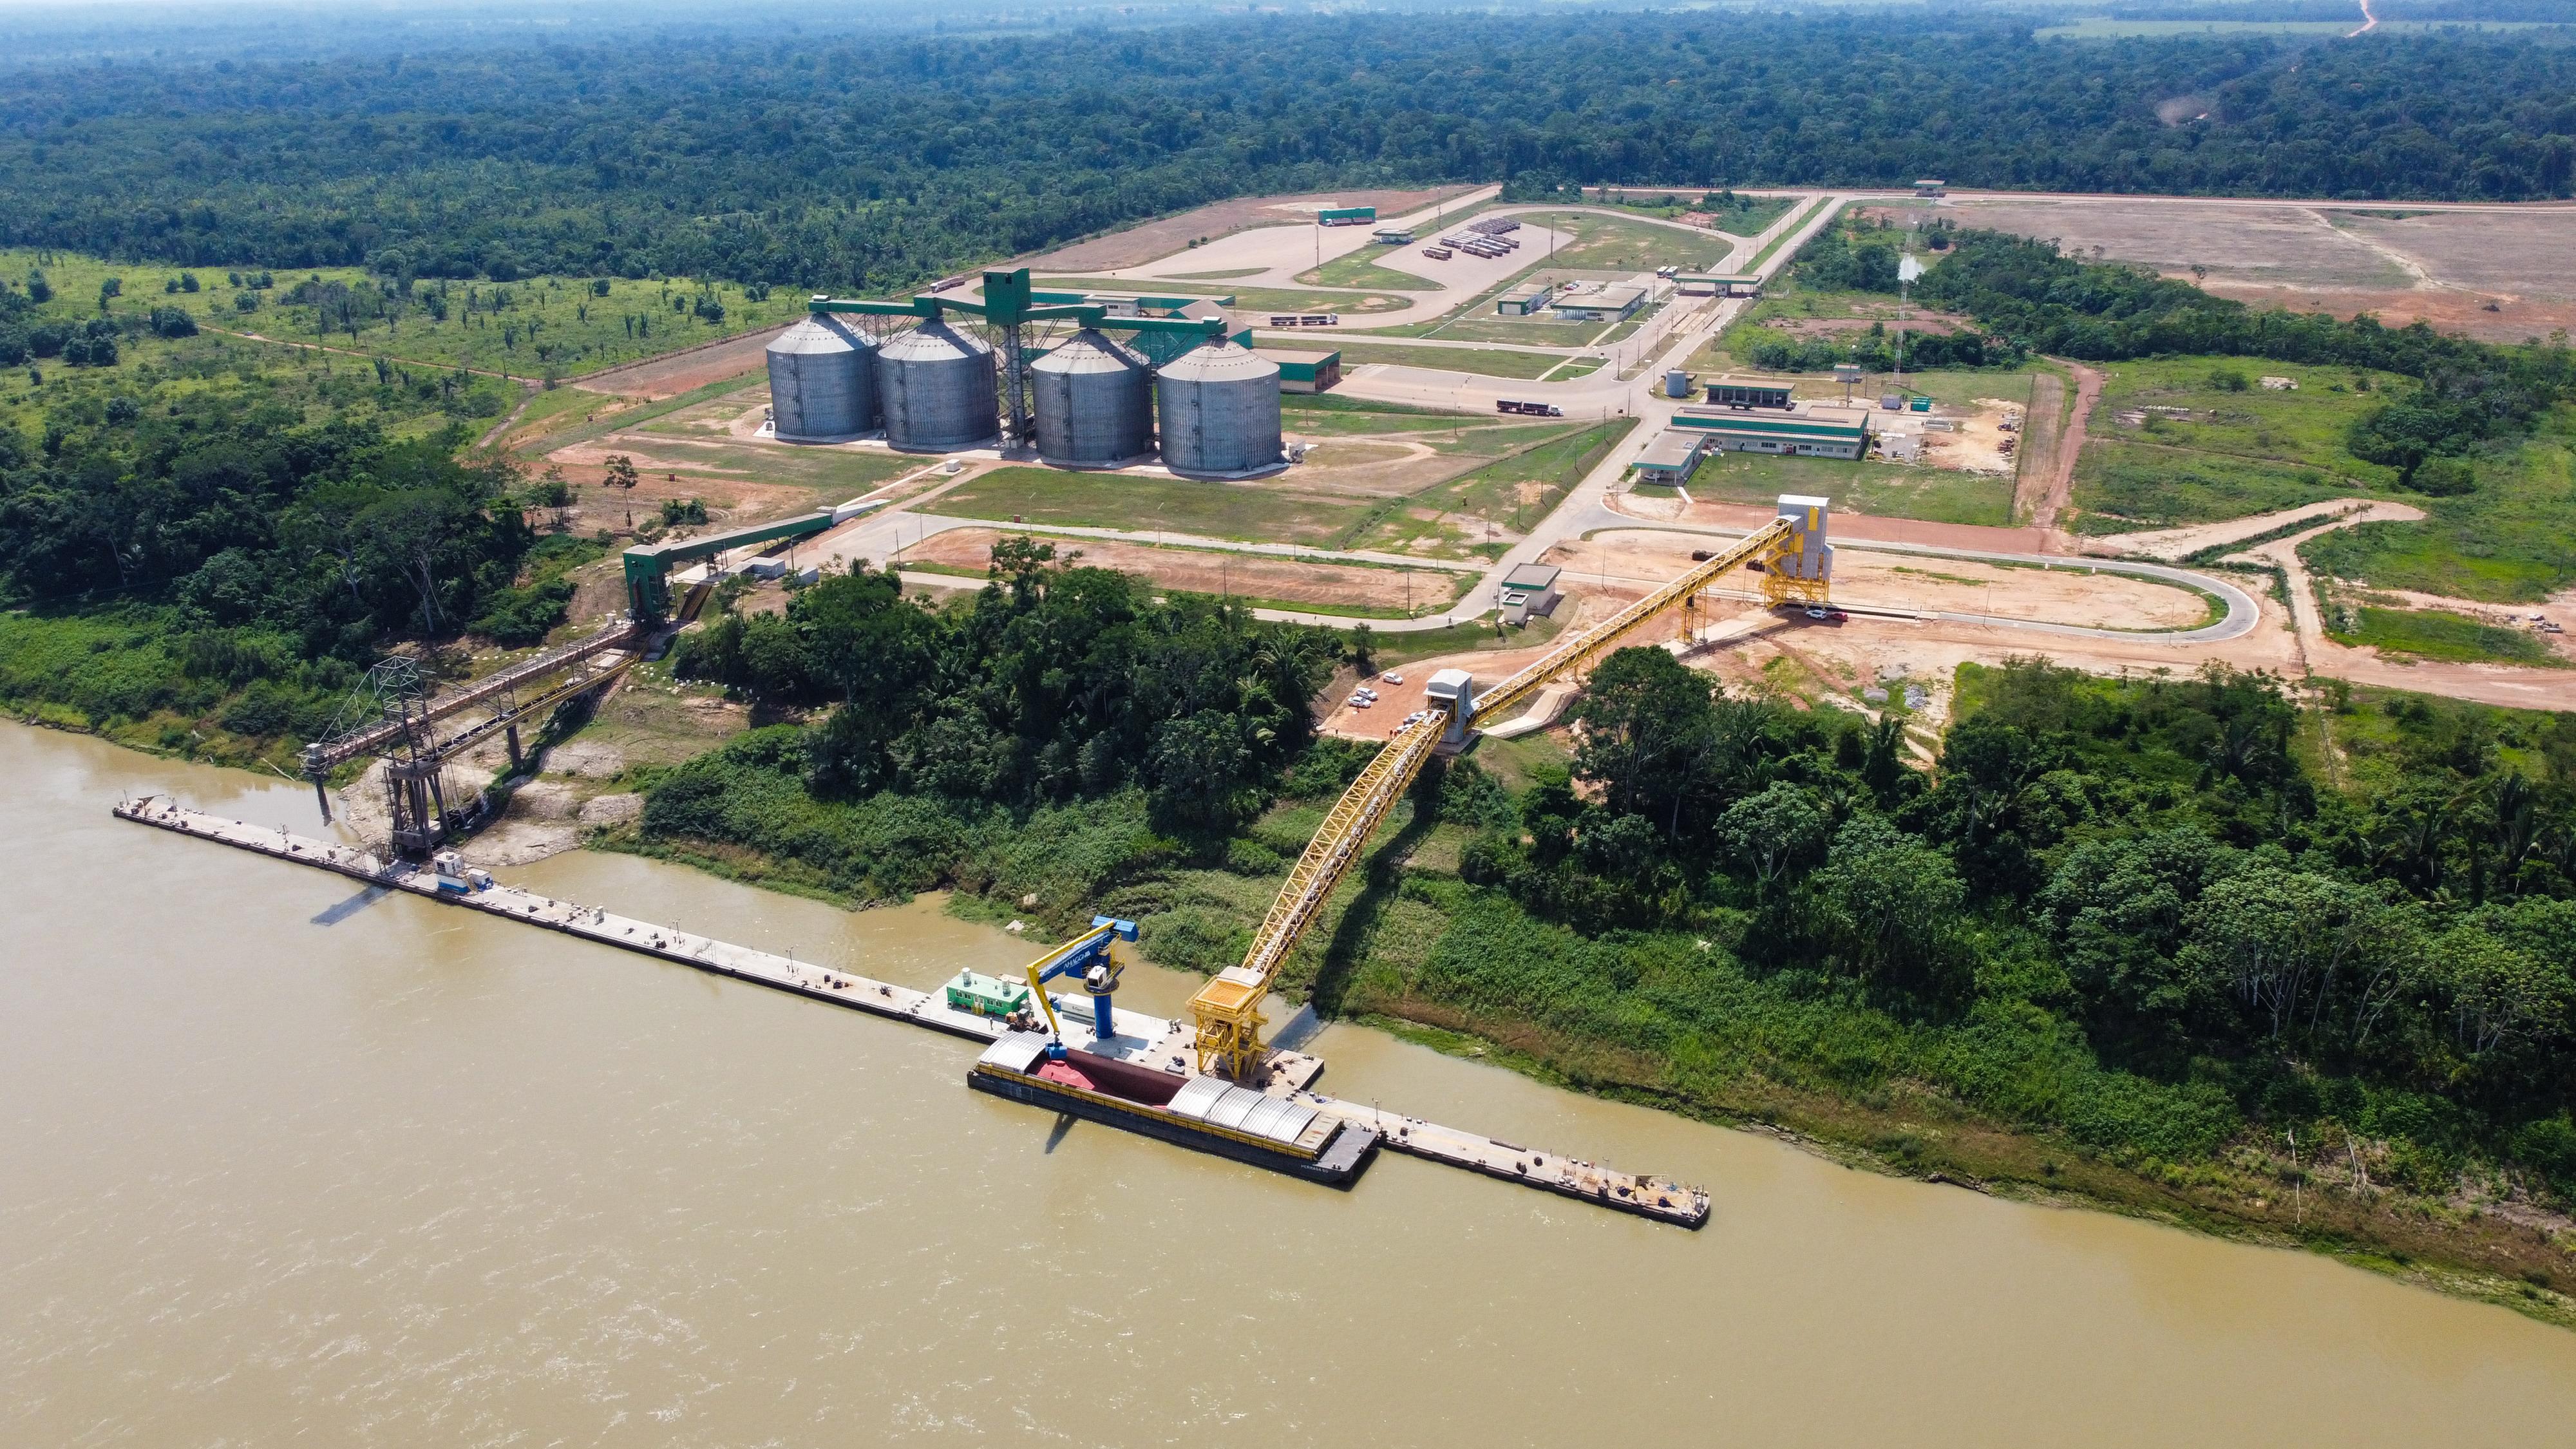 Vista aérea do complexo de Portochuelo, Porto Velho (RO)